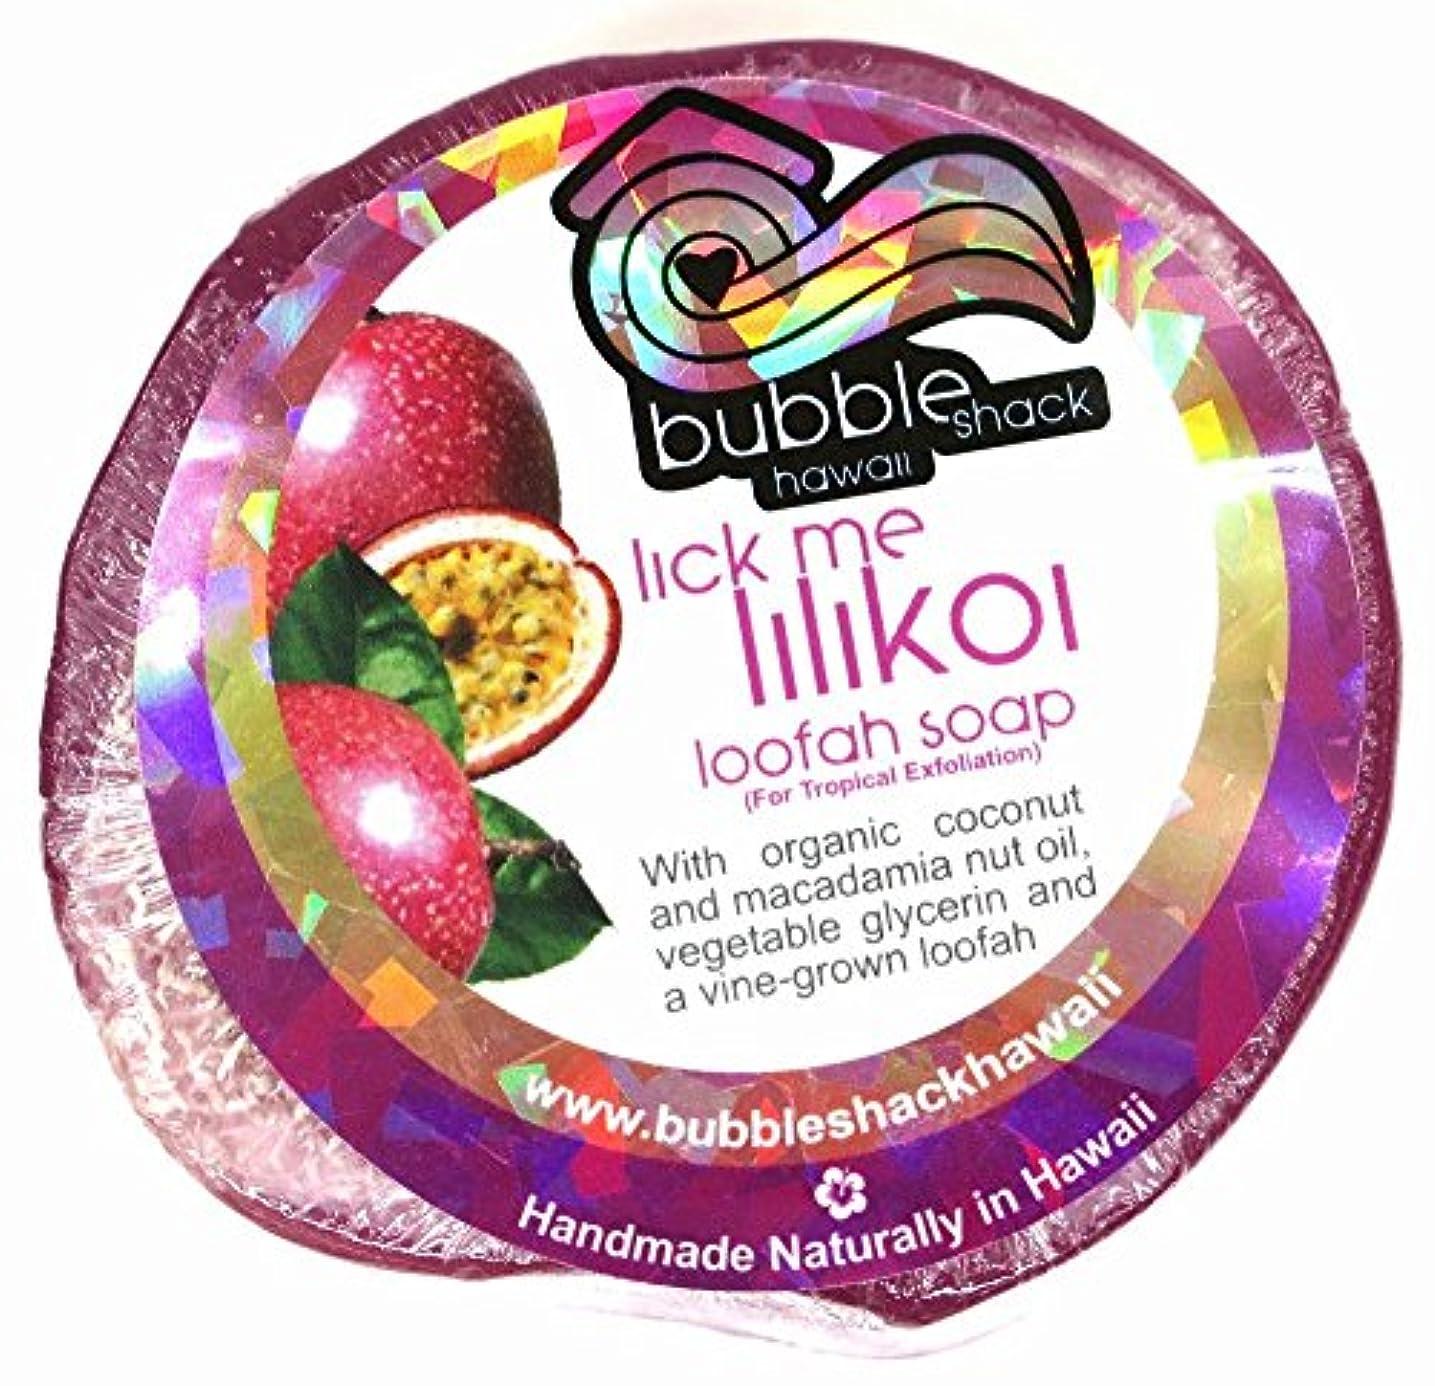 地上の苦い放映ハワイアン雑貨/ハワイ 雑貨【バブルシャック】Bubble Shack Hawaii ルーファーソープ(リックミーリリコイ) 【お土産】